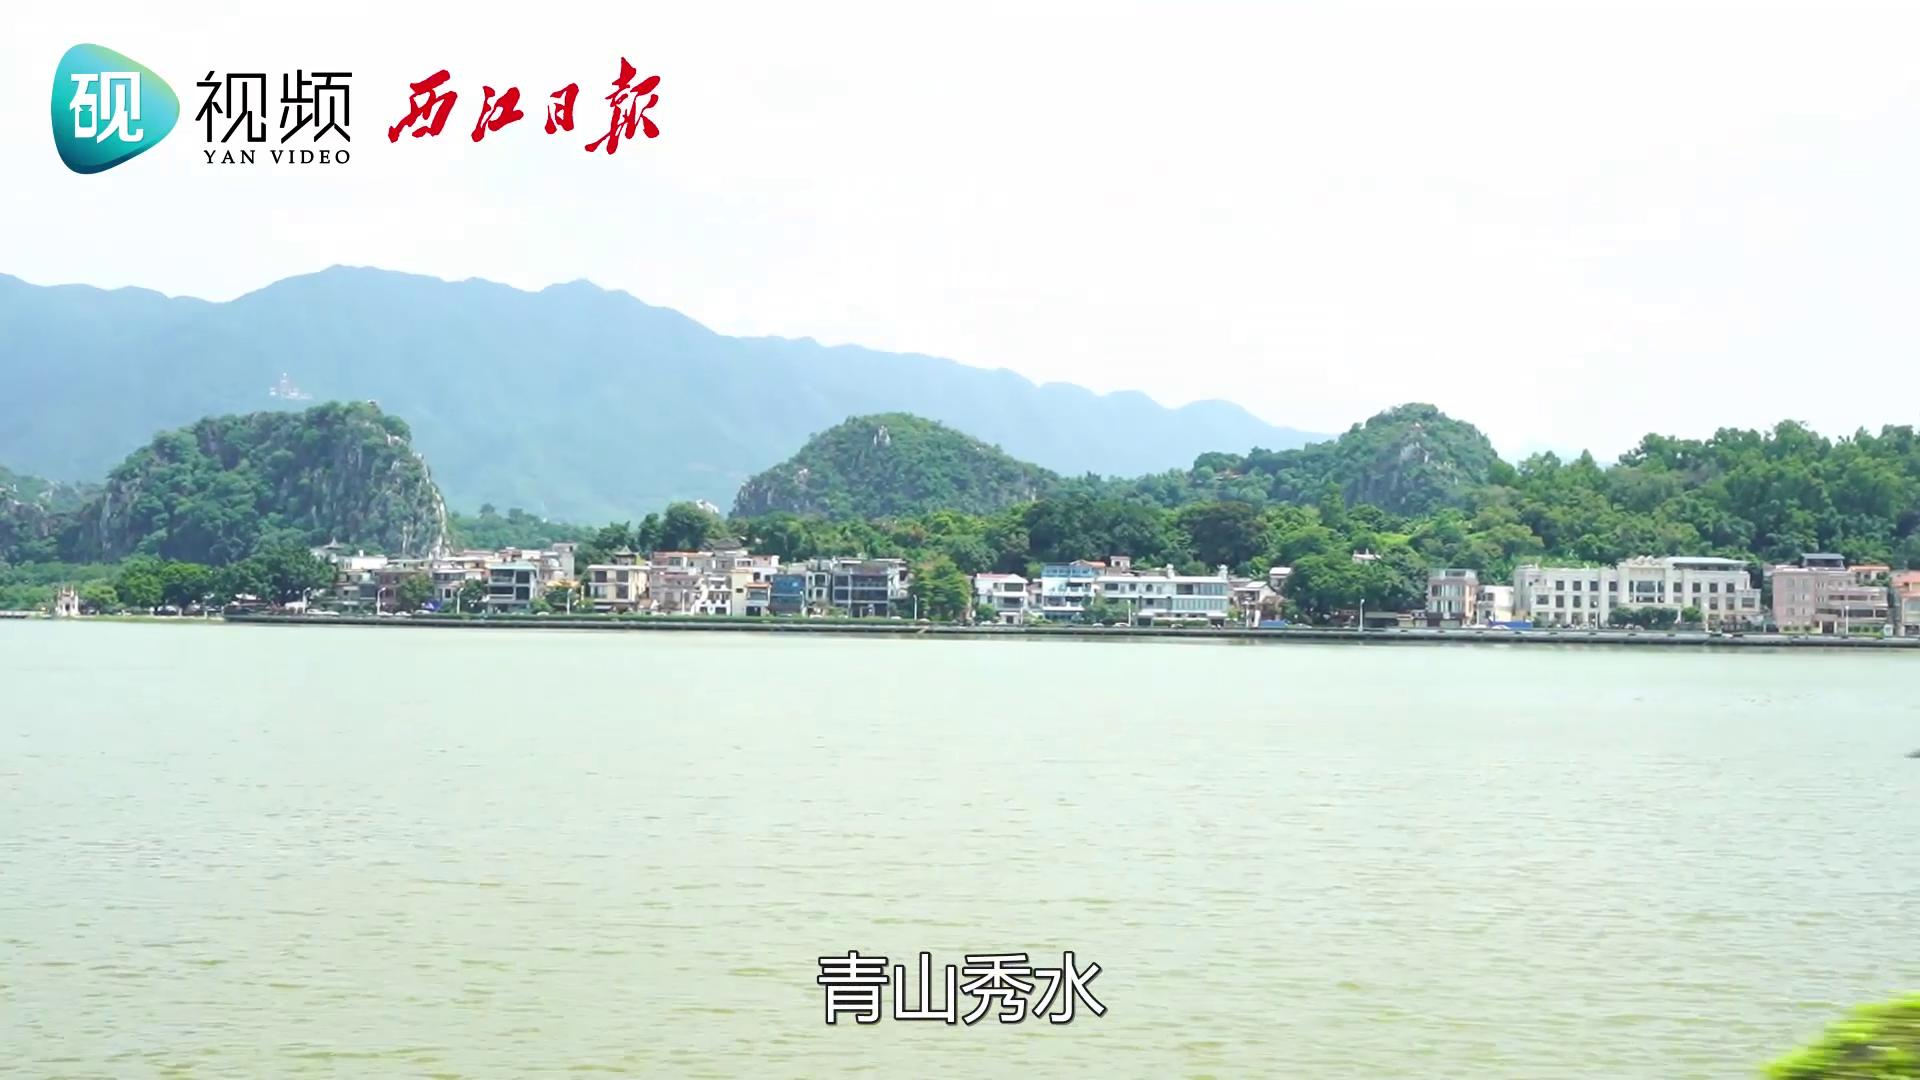 肇庆双层巴士,带你一日穿越千年,每一站都很美!